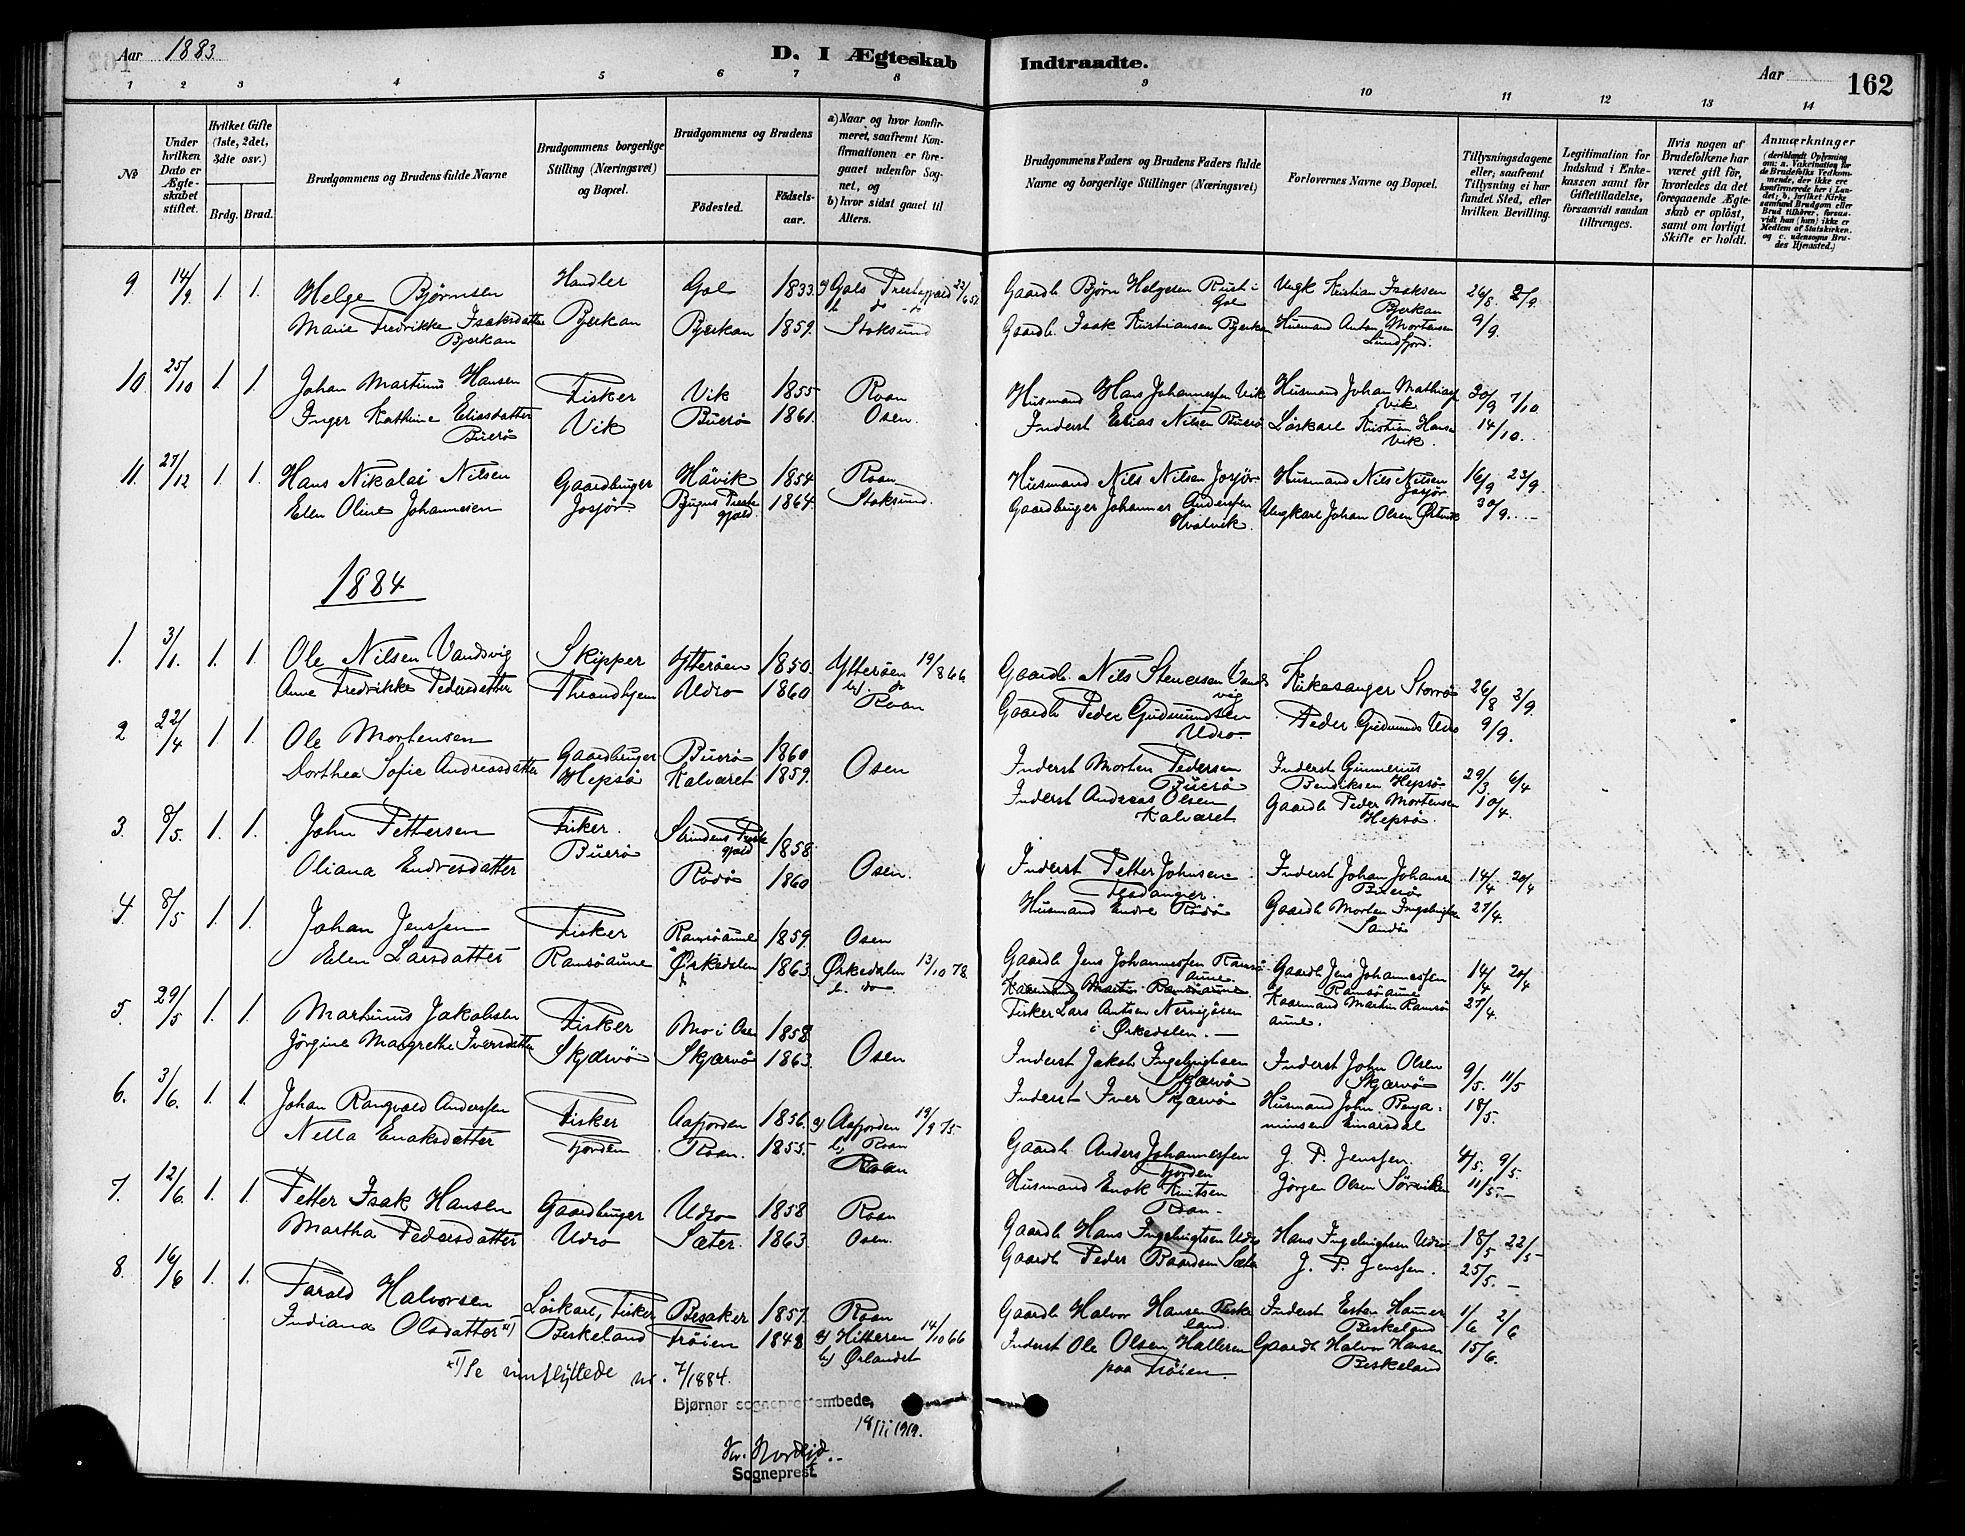 SAT, Ministerialprotokoller, klokkerbøker og fødselsregistre - Sør-Trøndelag, 657/L0707: Ministerialbok nr. 657A08, 1879-1893, s. 162